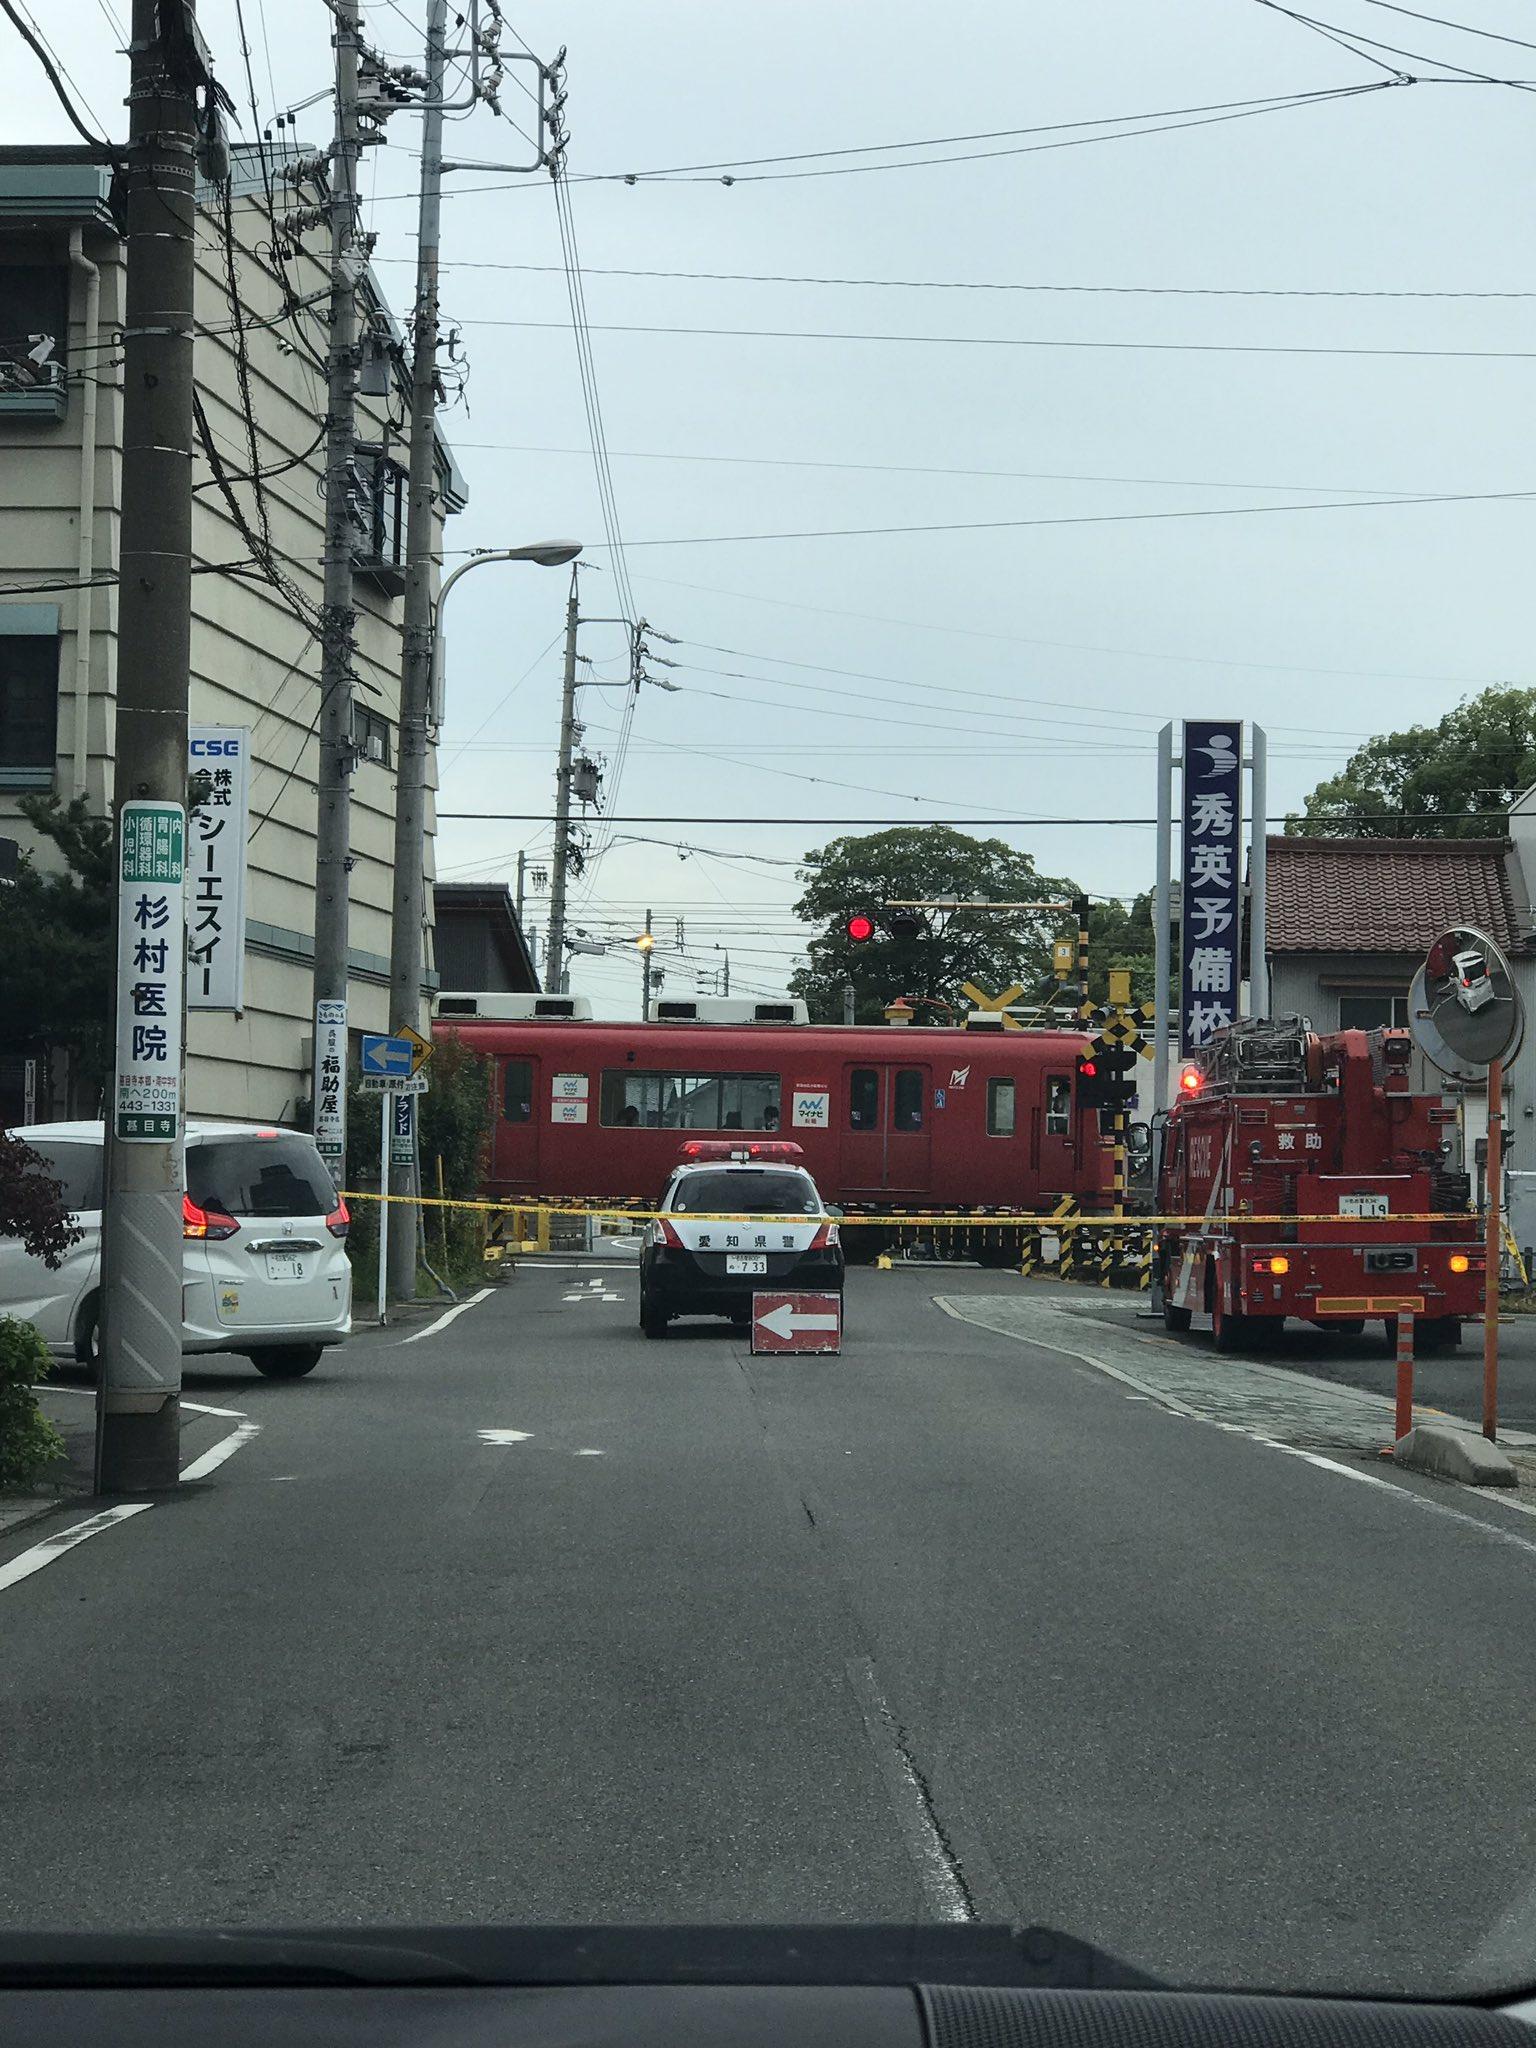 津島線の甚目寺駅~七宝駅間で人身事故が起きた現場の画像